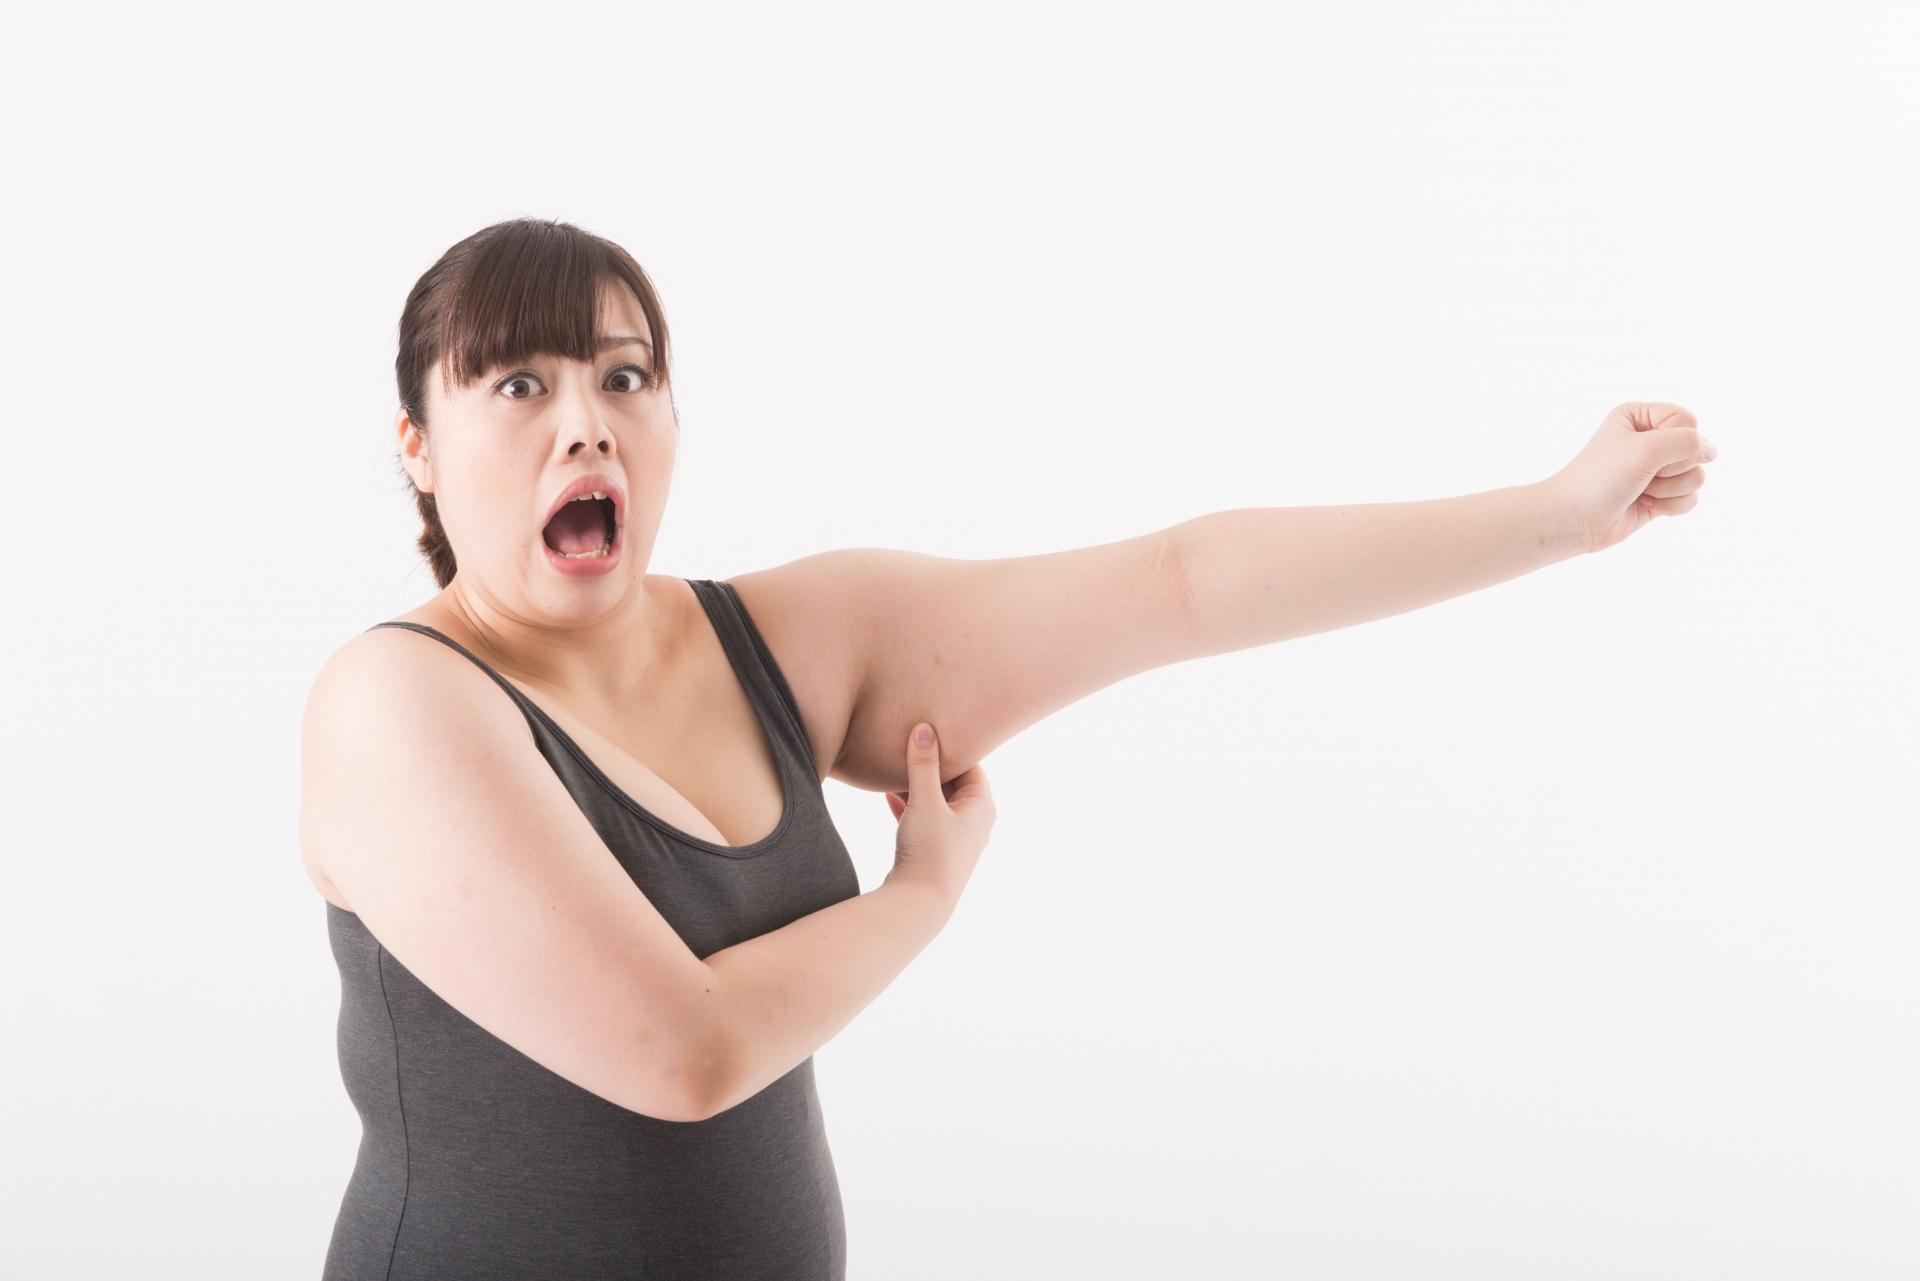 彼女の二の腕のブツブツが気になるときの上手な伝え方とは